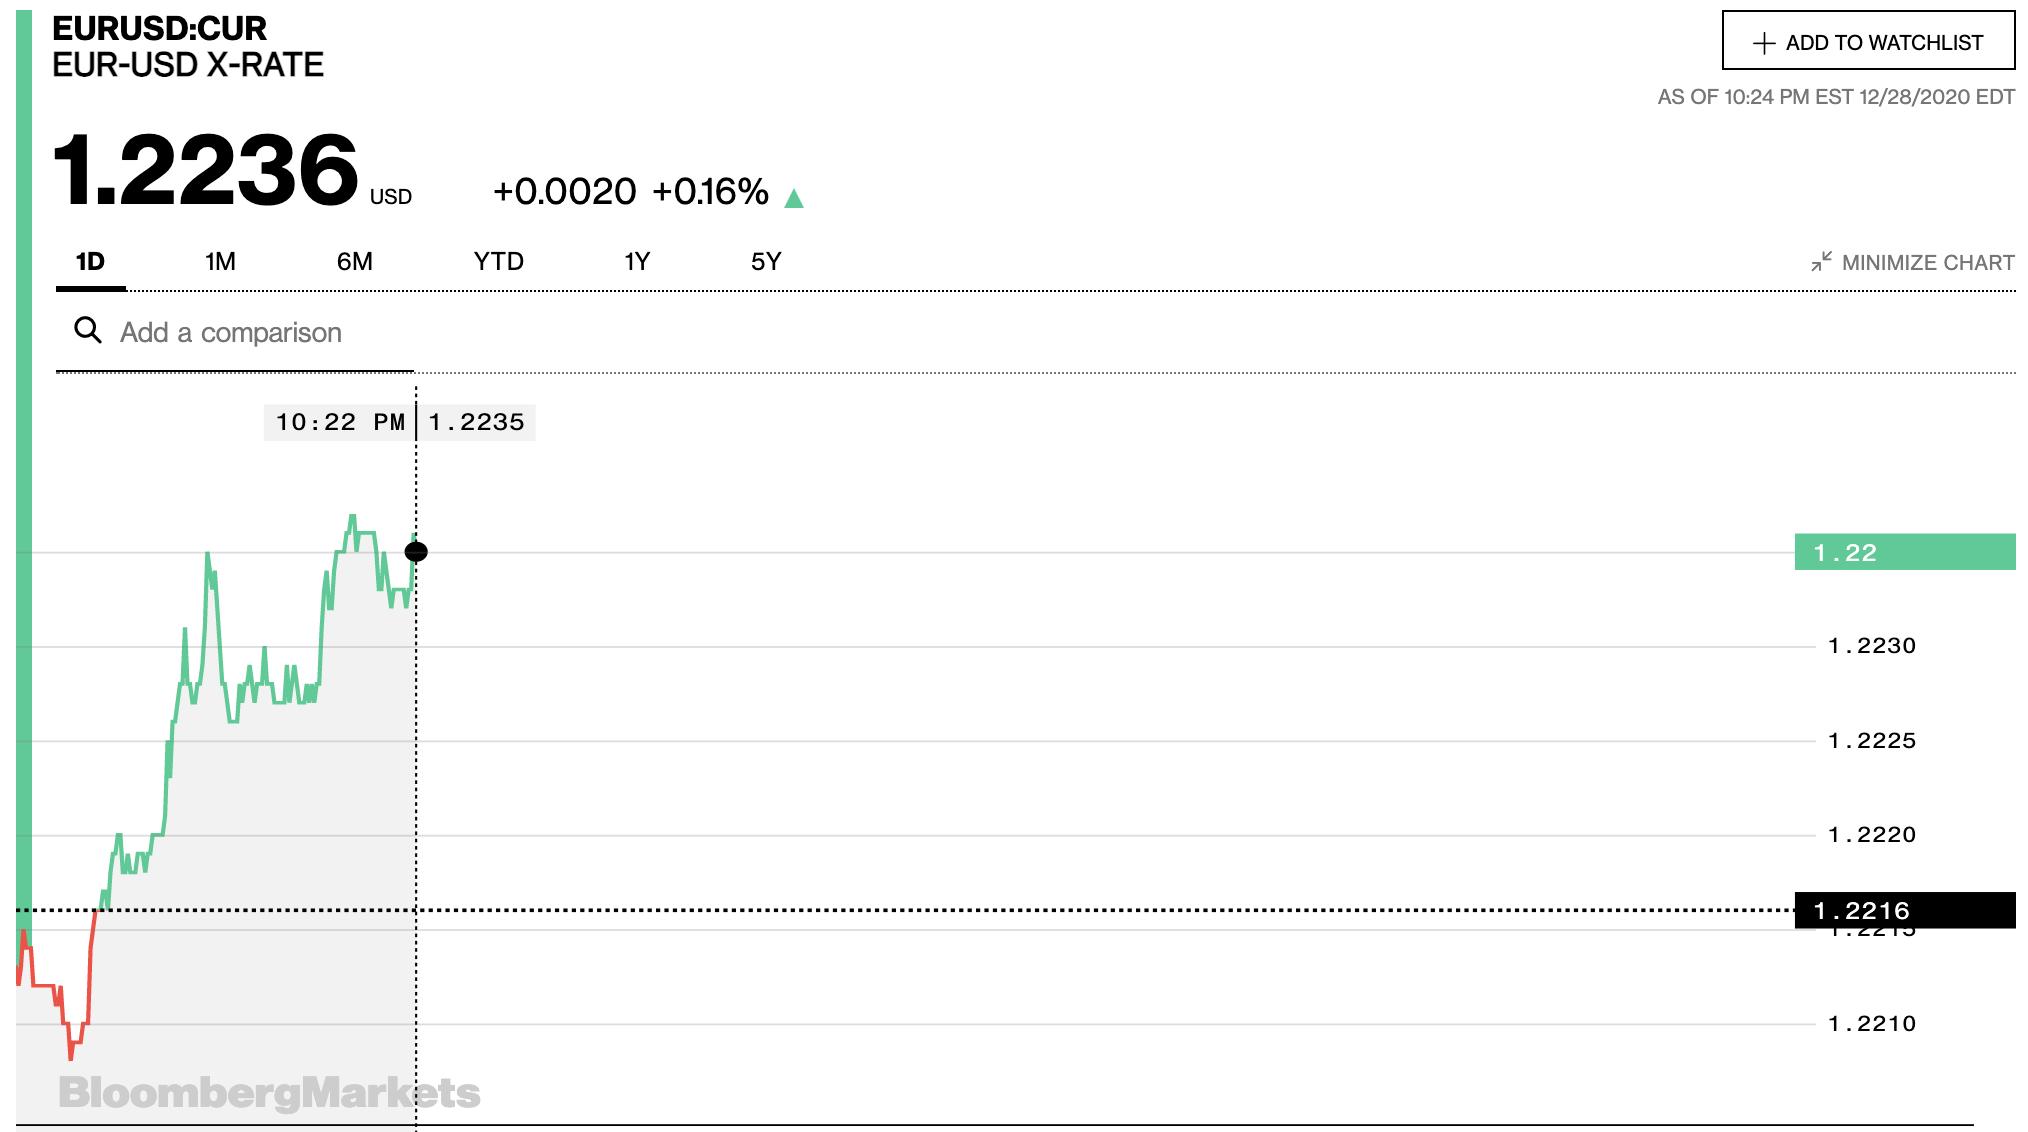 Tỷ giá euro hôm nay 29/12: Đồng loạt tăng tại các ngân hàng trong nước - Ảnh 2.